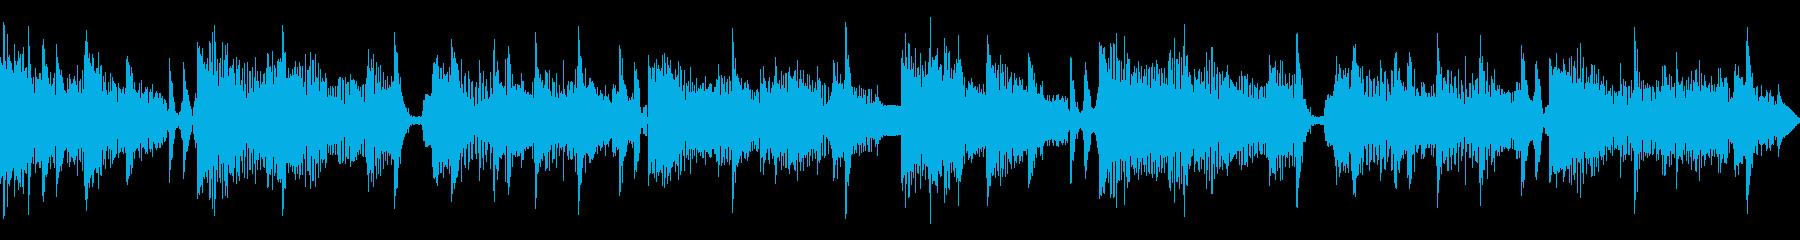 落ち着いた雰囲気のループ仕様楽曲の再生済みの波形